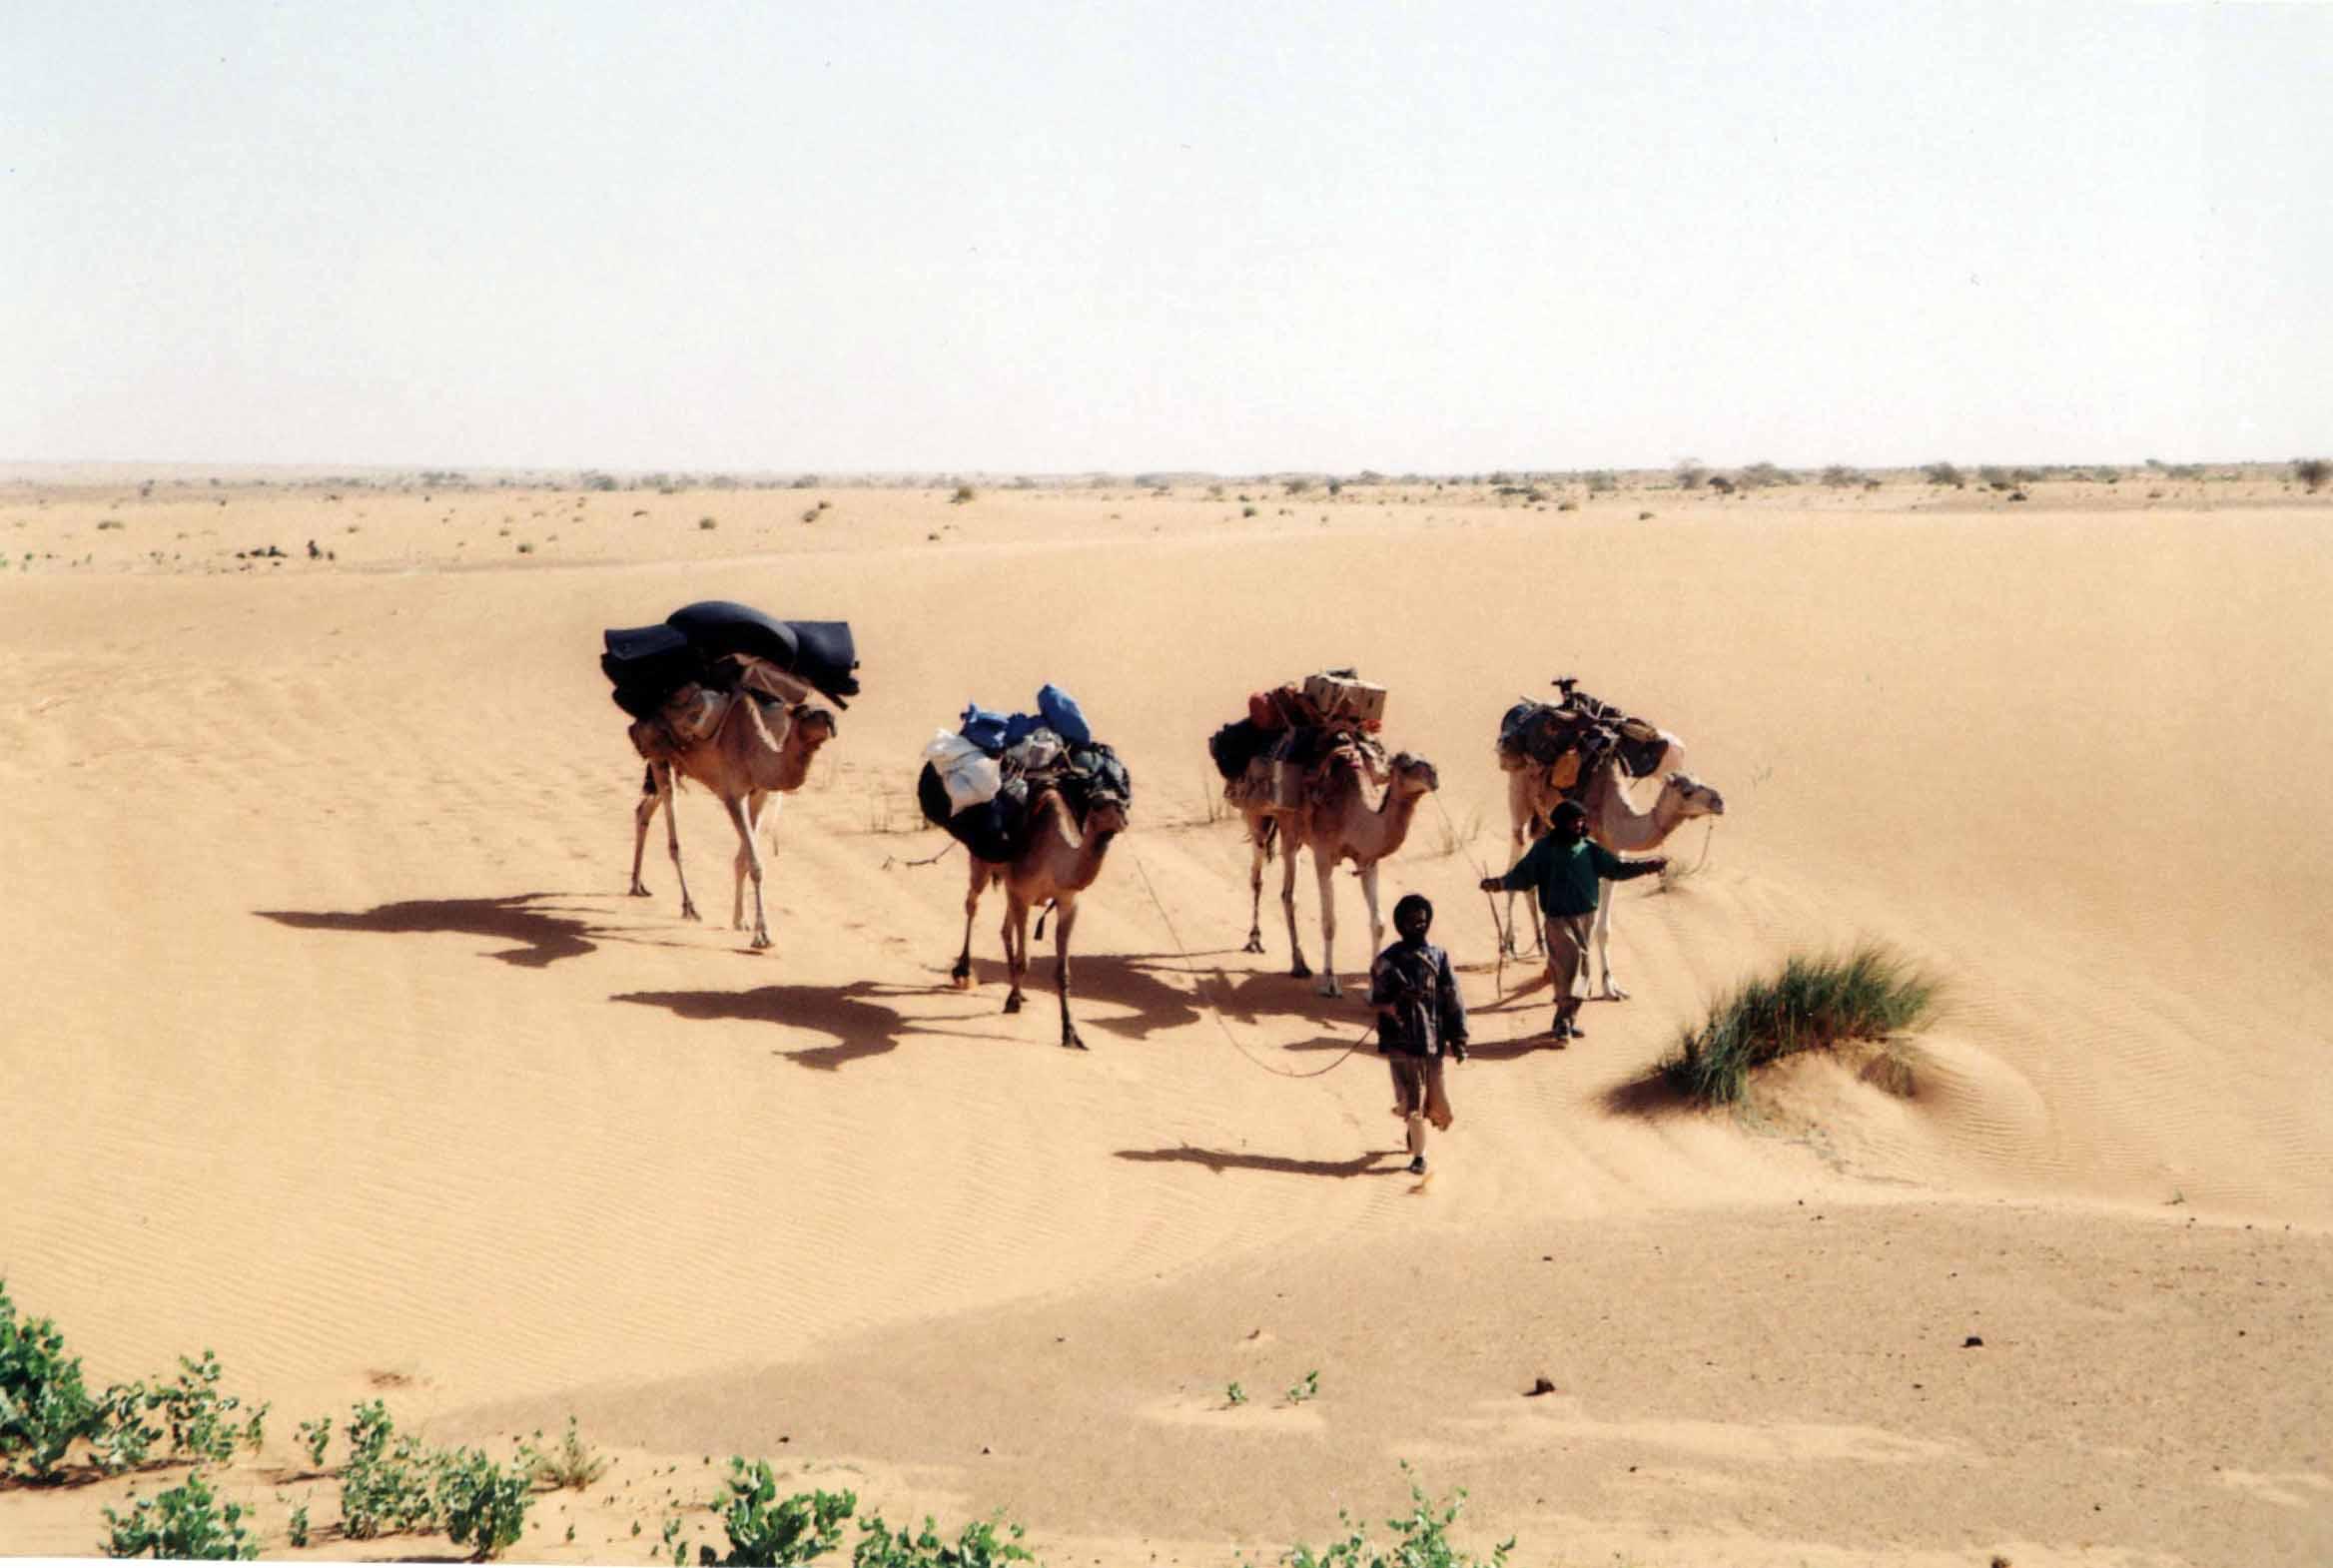 二。撒哈拉古城之魂 首姆站与其它车站一样,沙漠中的一点而已。同时下车的一个当地人领着我们黑暗中深一脚浅一脚到了几百米外最多十几户人家的首姆镇,这里是过往车辆中转站。直到上午十点,我们才截到了一辆往南去阿塔的丰田敞棚货车,车上装满行李杂物,已有五六个当地人坐在上面。我们挤坐在一只旧轮胎上,三个多小时颠簸,午后不久到了阿塔。 我很高兴选择了与奥利威尔同行。这个法国人性格直爽,兴趣广泛,很带点书生气。更重要的是,他没有语言障碍,能与当地人交流。如果是我自己单独走,事情也能运转,但困难会比我原来想像的大。没有语言